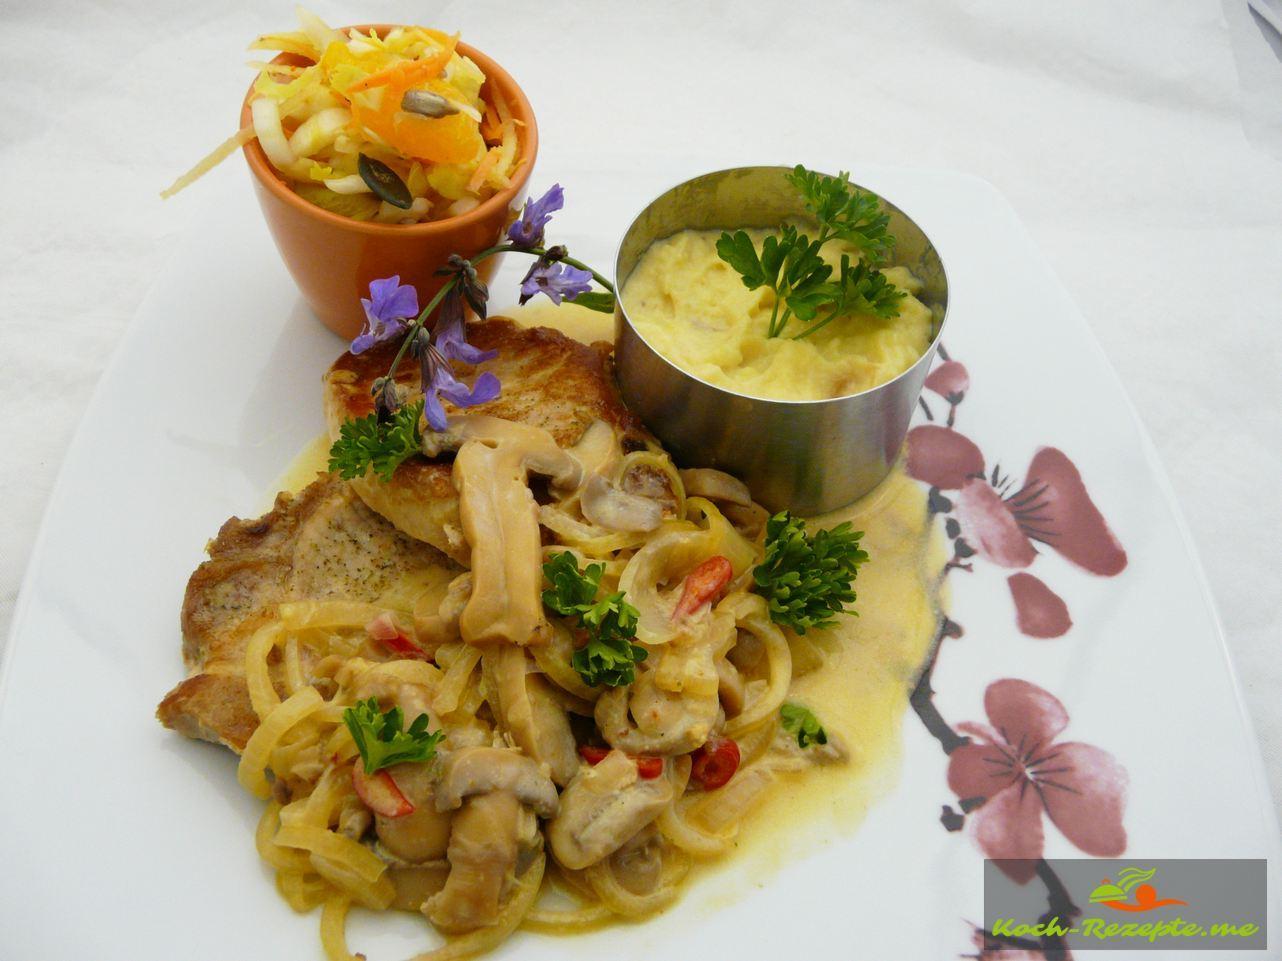 Champignon-Zwiebel-Schnitzel in Sahnesauce klassisch zubereitet.